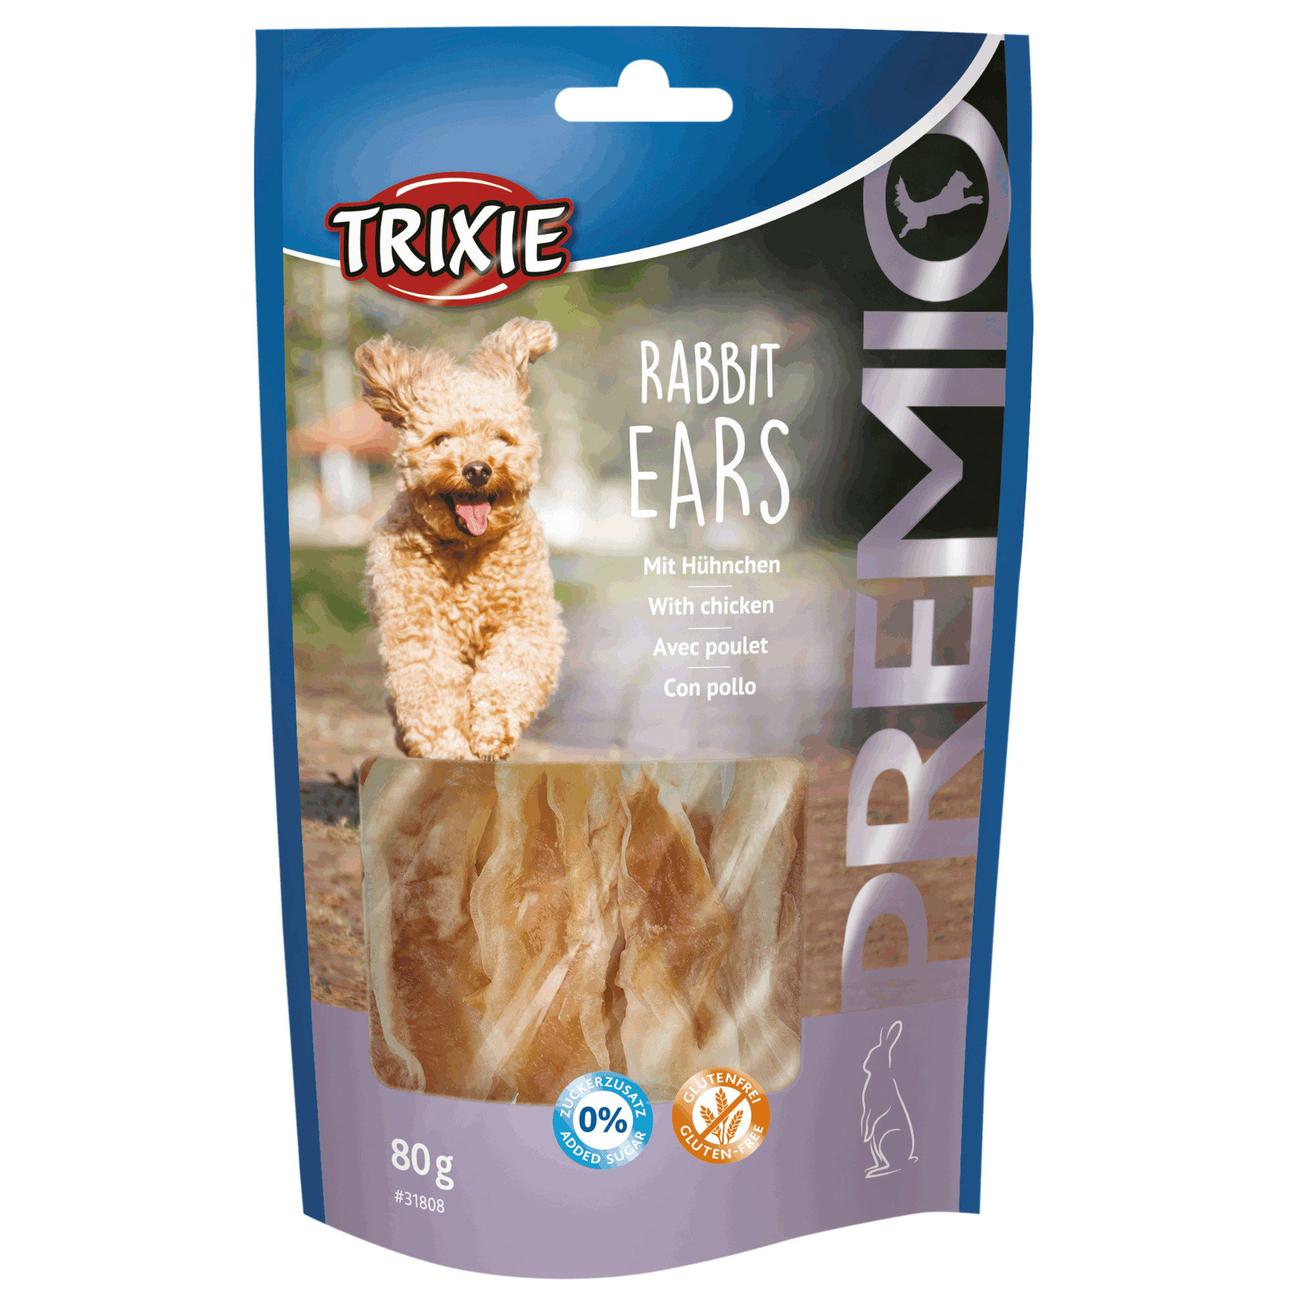 Trixie PREMIO Rabbit Ears für Hunde 31808